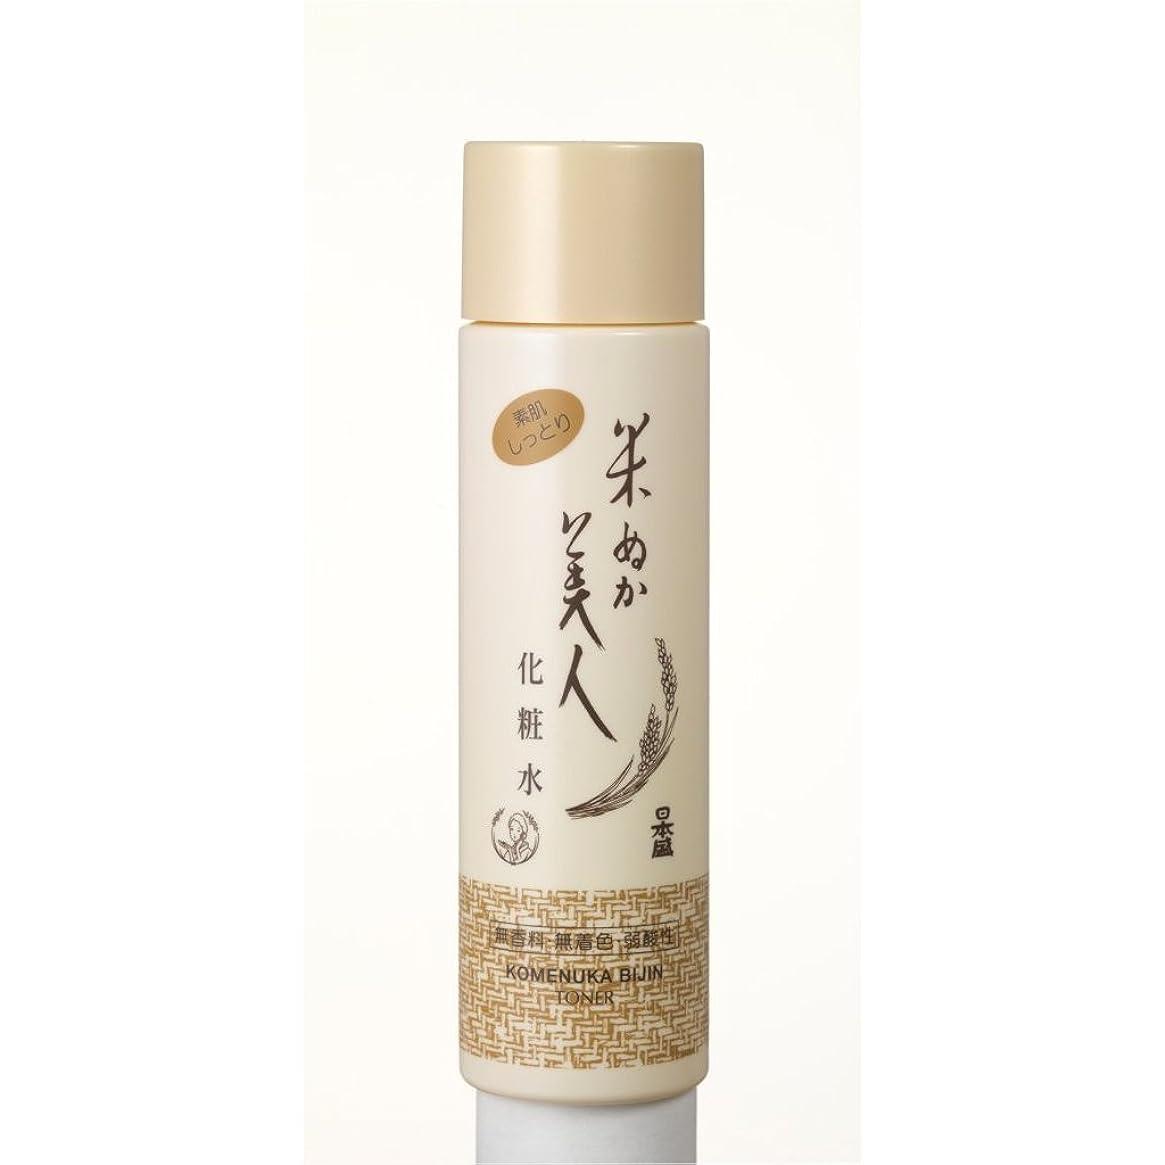 中毒バッジ通路日本盛米ぬか美人 化粧落とし100g+洗顔100g+化粧水200mlのセット